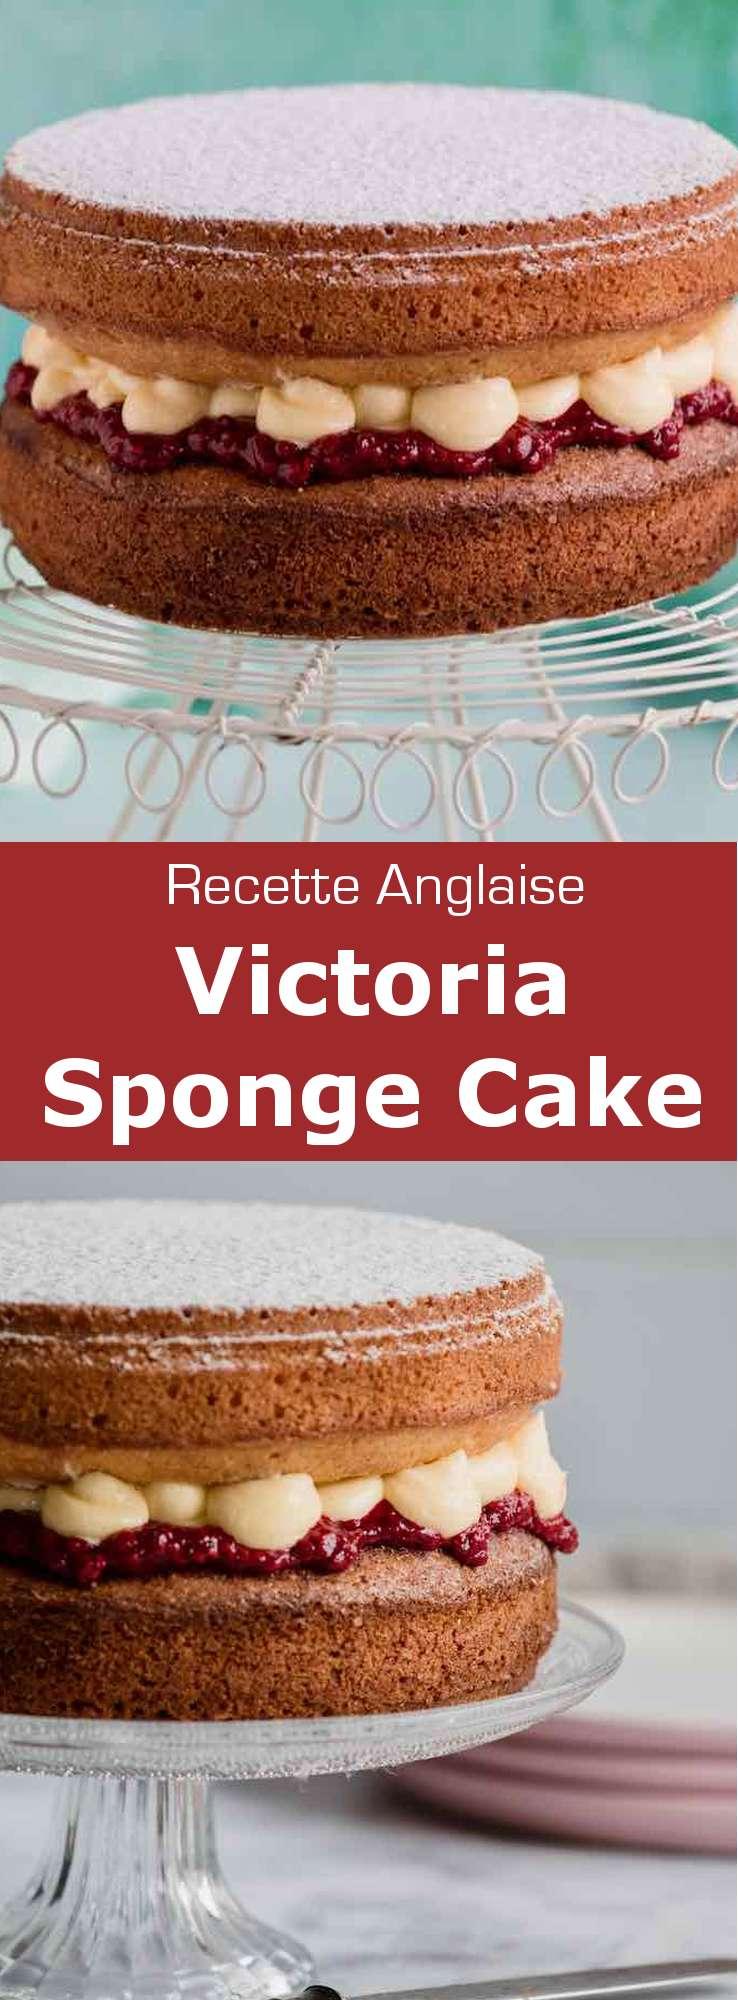 Le Victoria sponge cake est un gâteau traditionnel anglais composé de confiture de framboise et de crème au beurre à la vanille, insérées entre deux couches de génoise.  #RoyaumeUni #Angleterre #RecetteAnglaise #RecetteBritannique #CuisineAnglaise #CuisineBritannique #CuisineDuMonde #196flavors